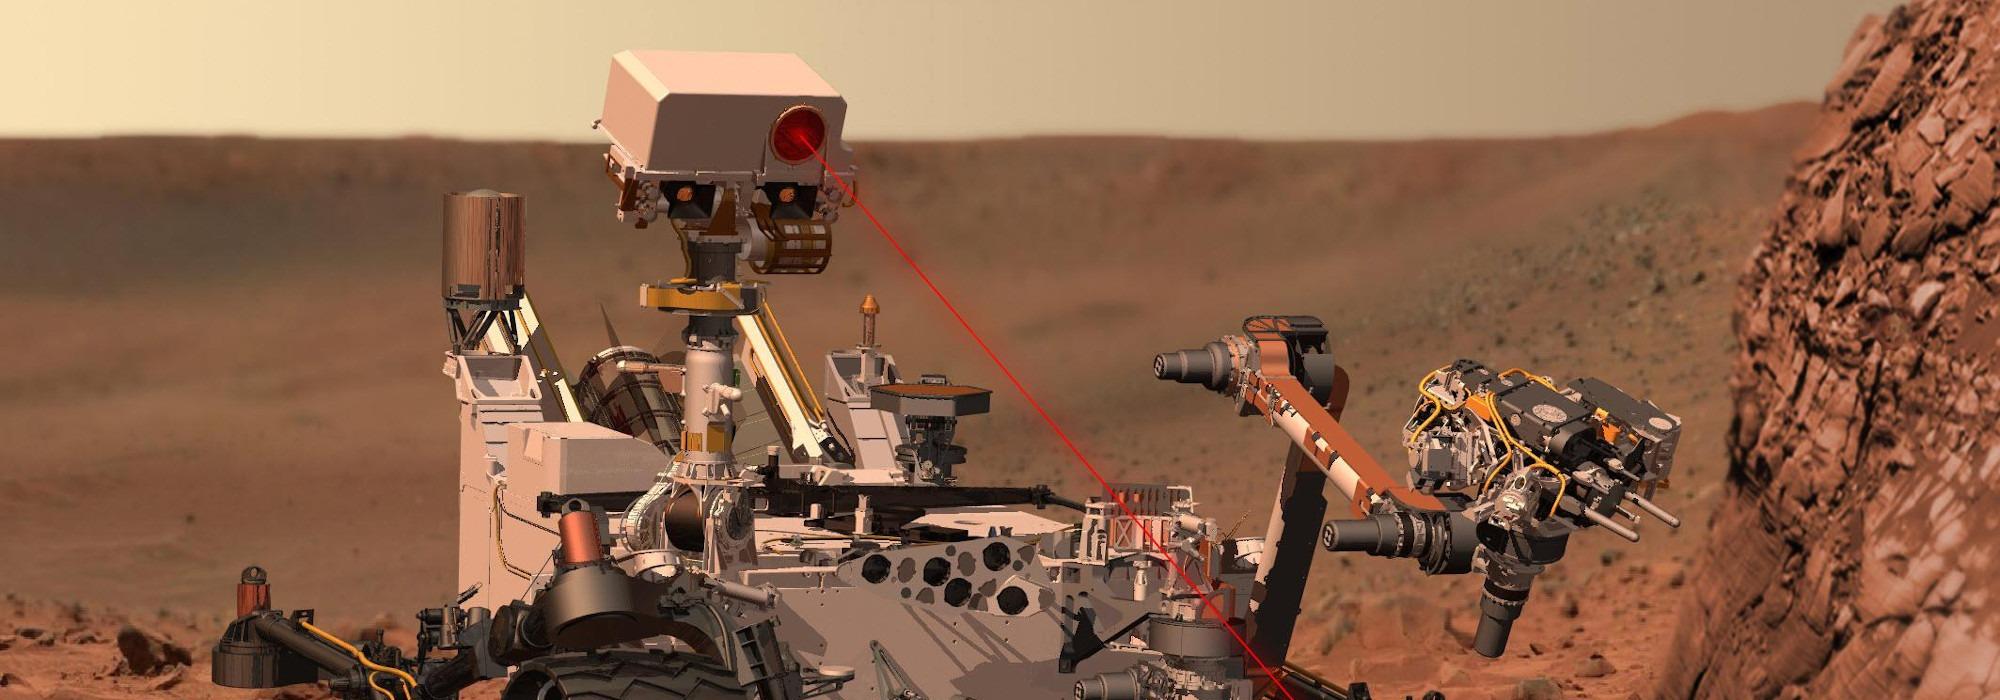 Curiosity'nin Mars'taki 5 yılı